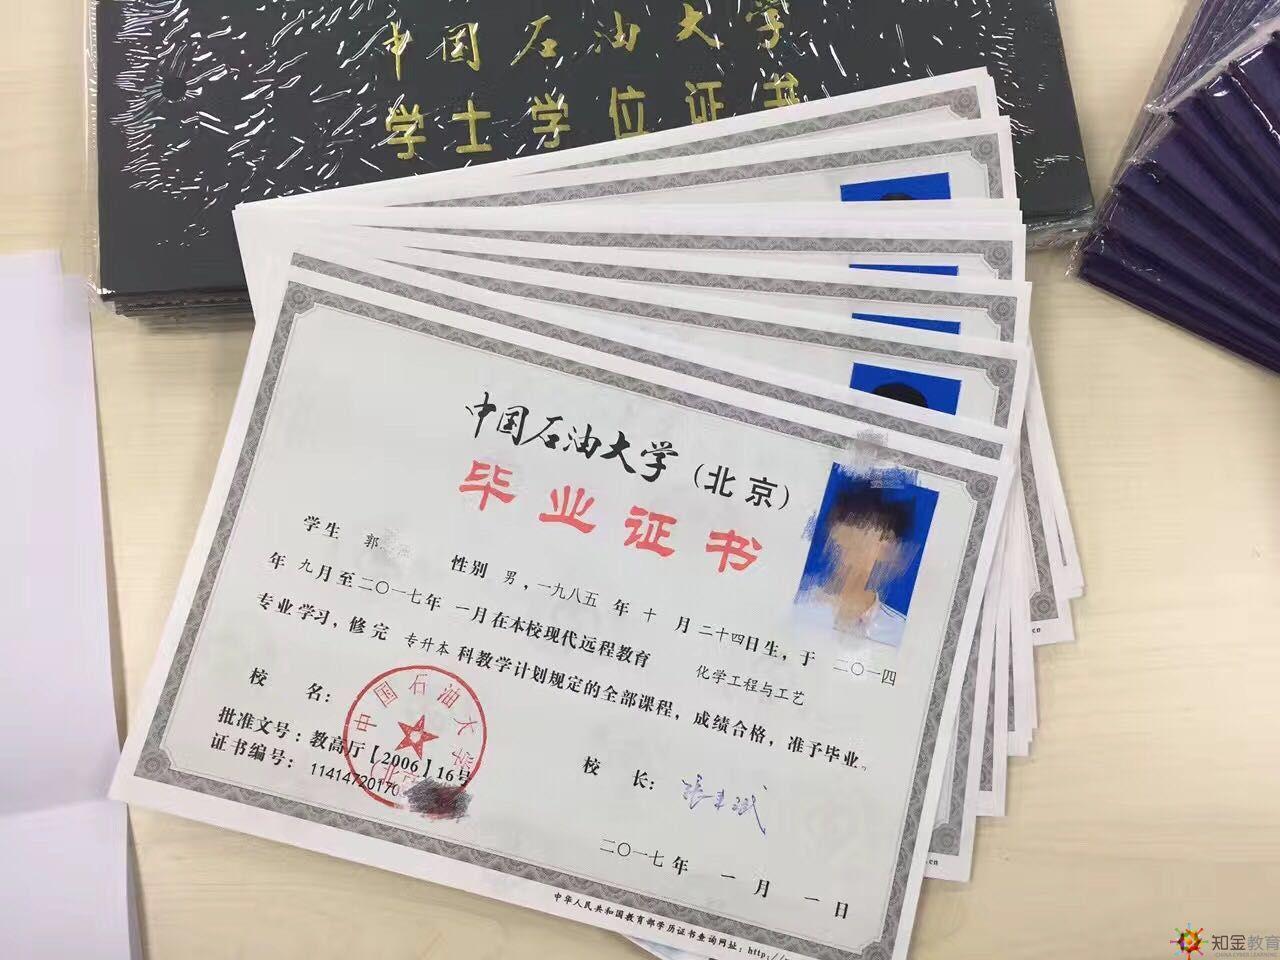 中国石油大学远程教育毕业证